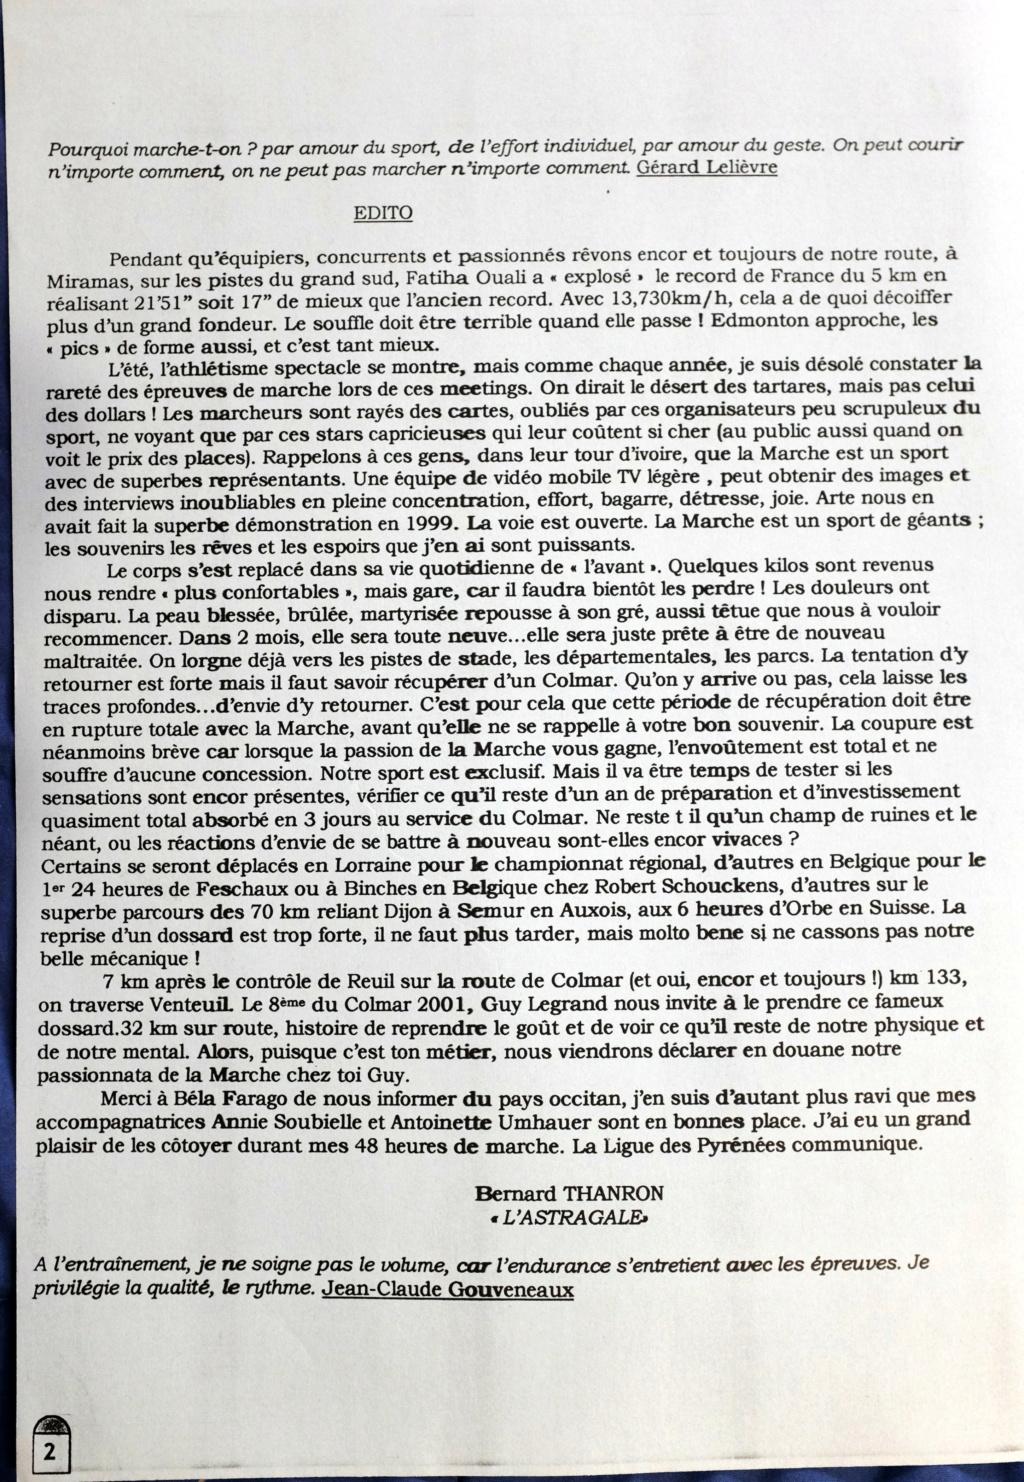 Le KM520 et ses éditos 1998-2009 - Page 2 Dscf0536